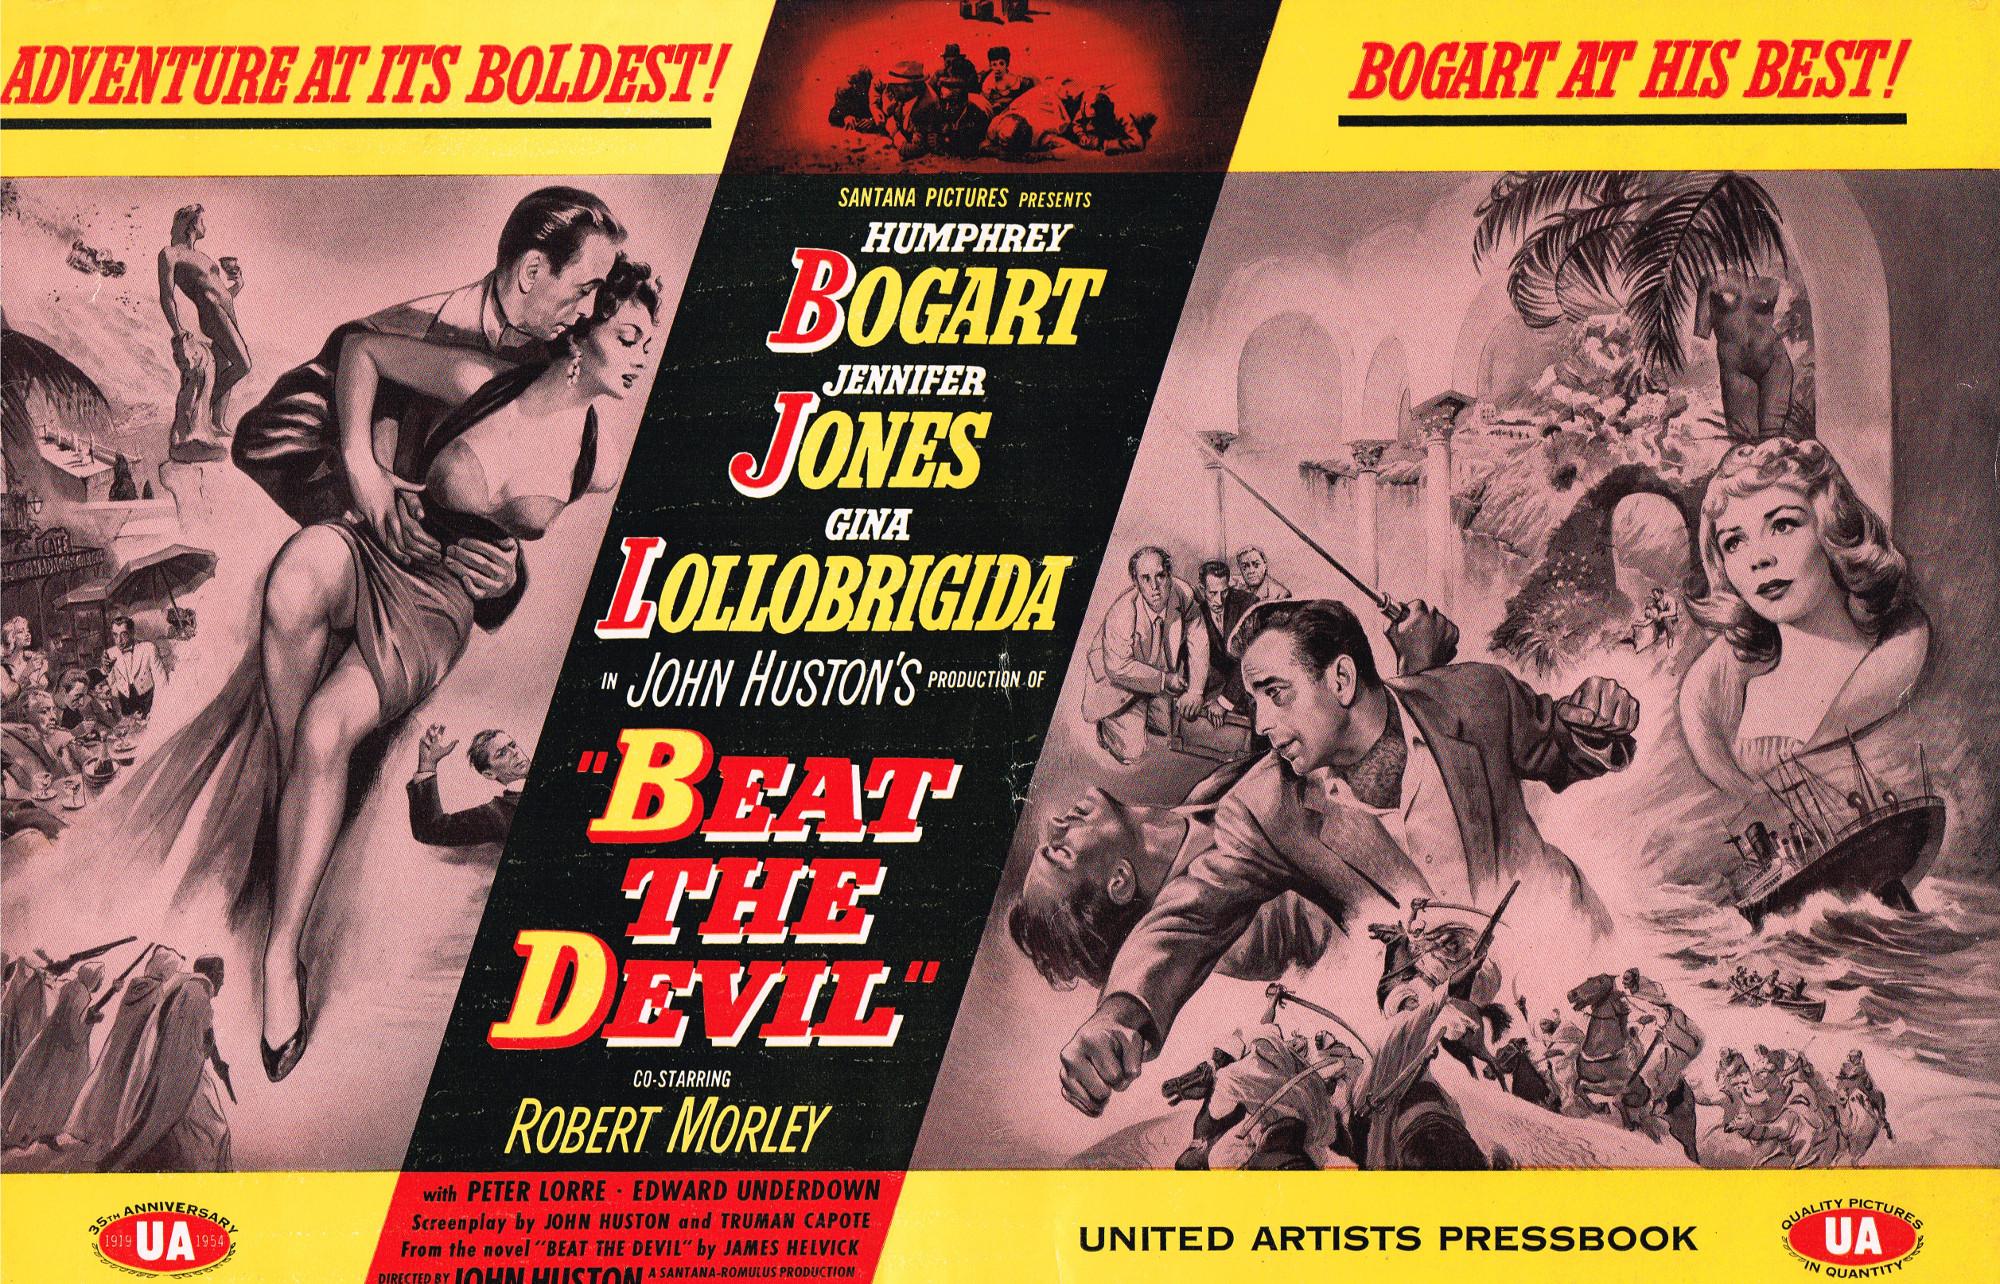 Beat-The-Devil-1953-John-Huston.jpg